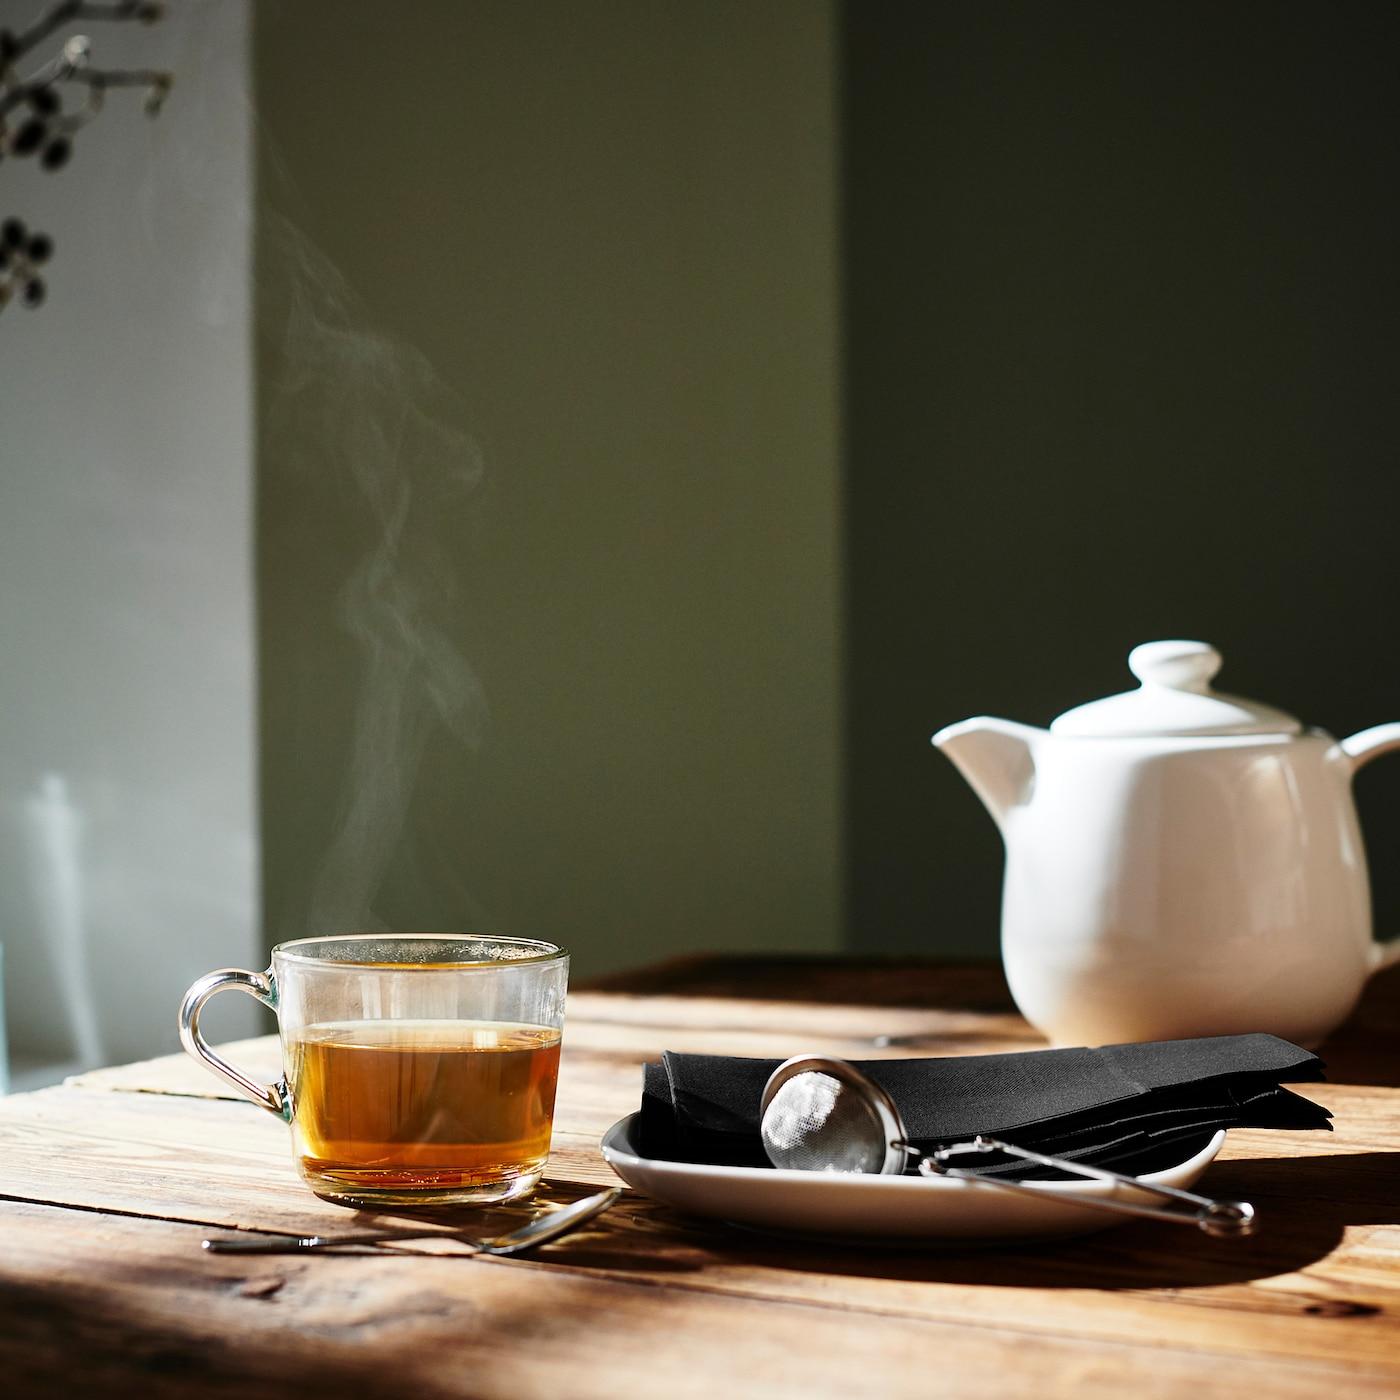 IDEALISK مصفاة لاقطة للشاي, ستينلس ستيل